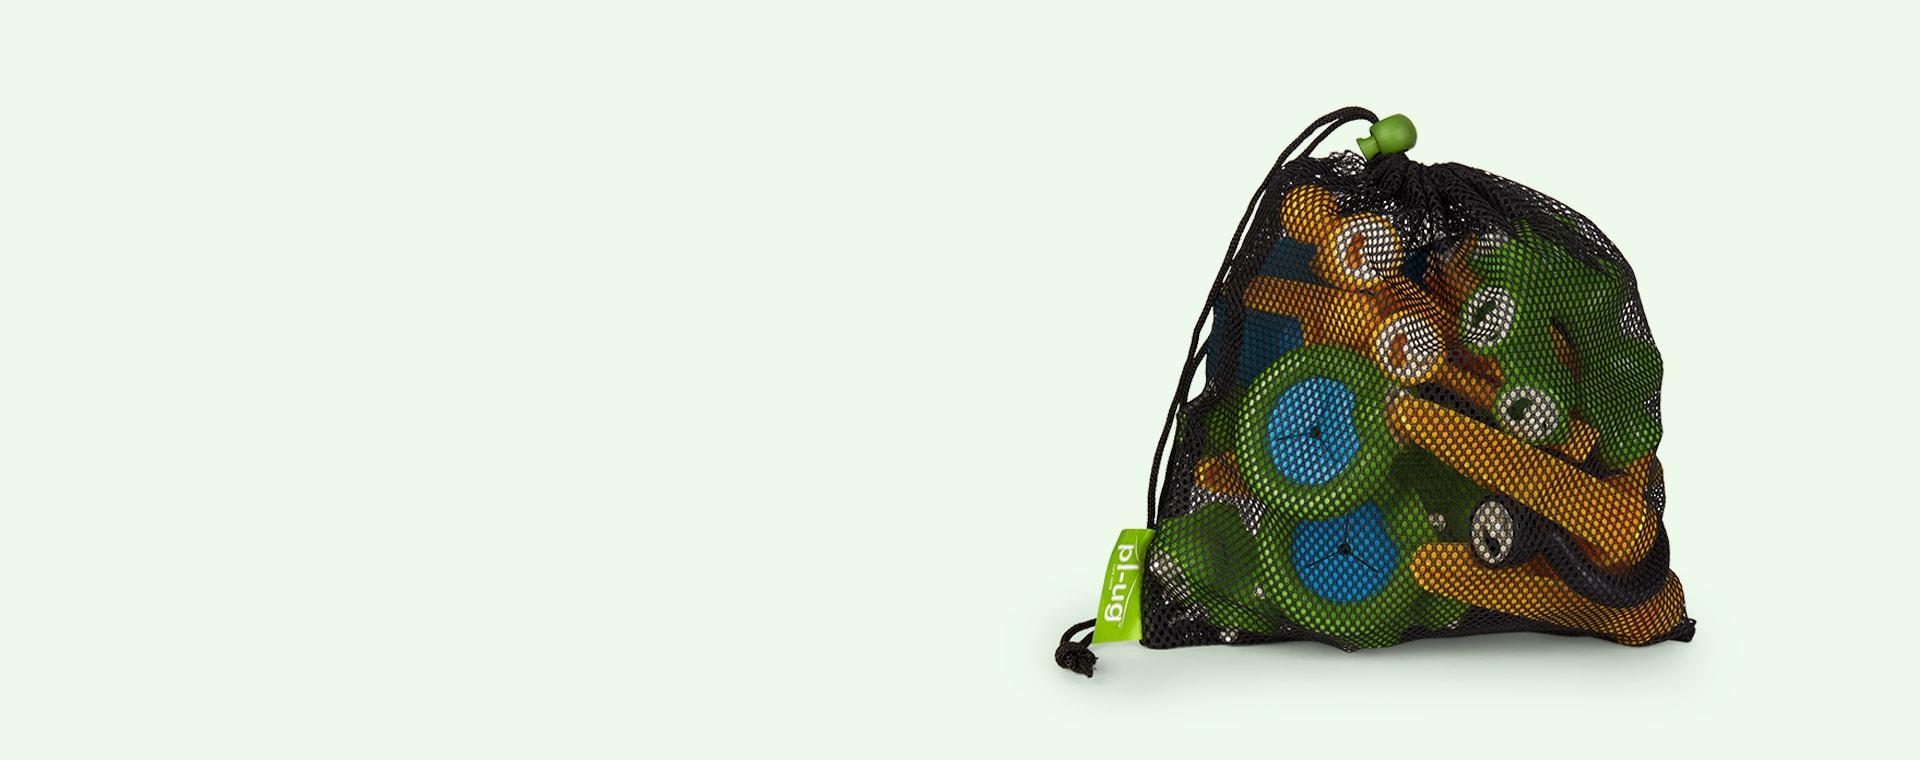 Multi pl-ug Tent Tools Kit Super